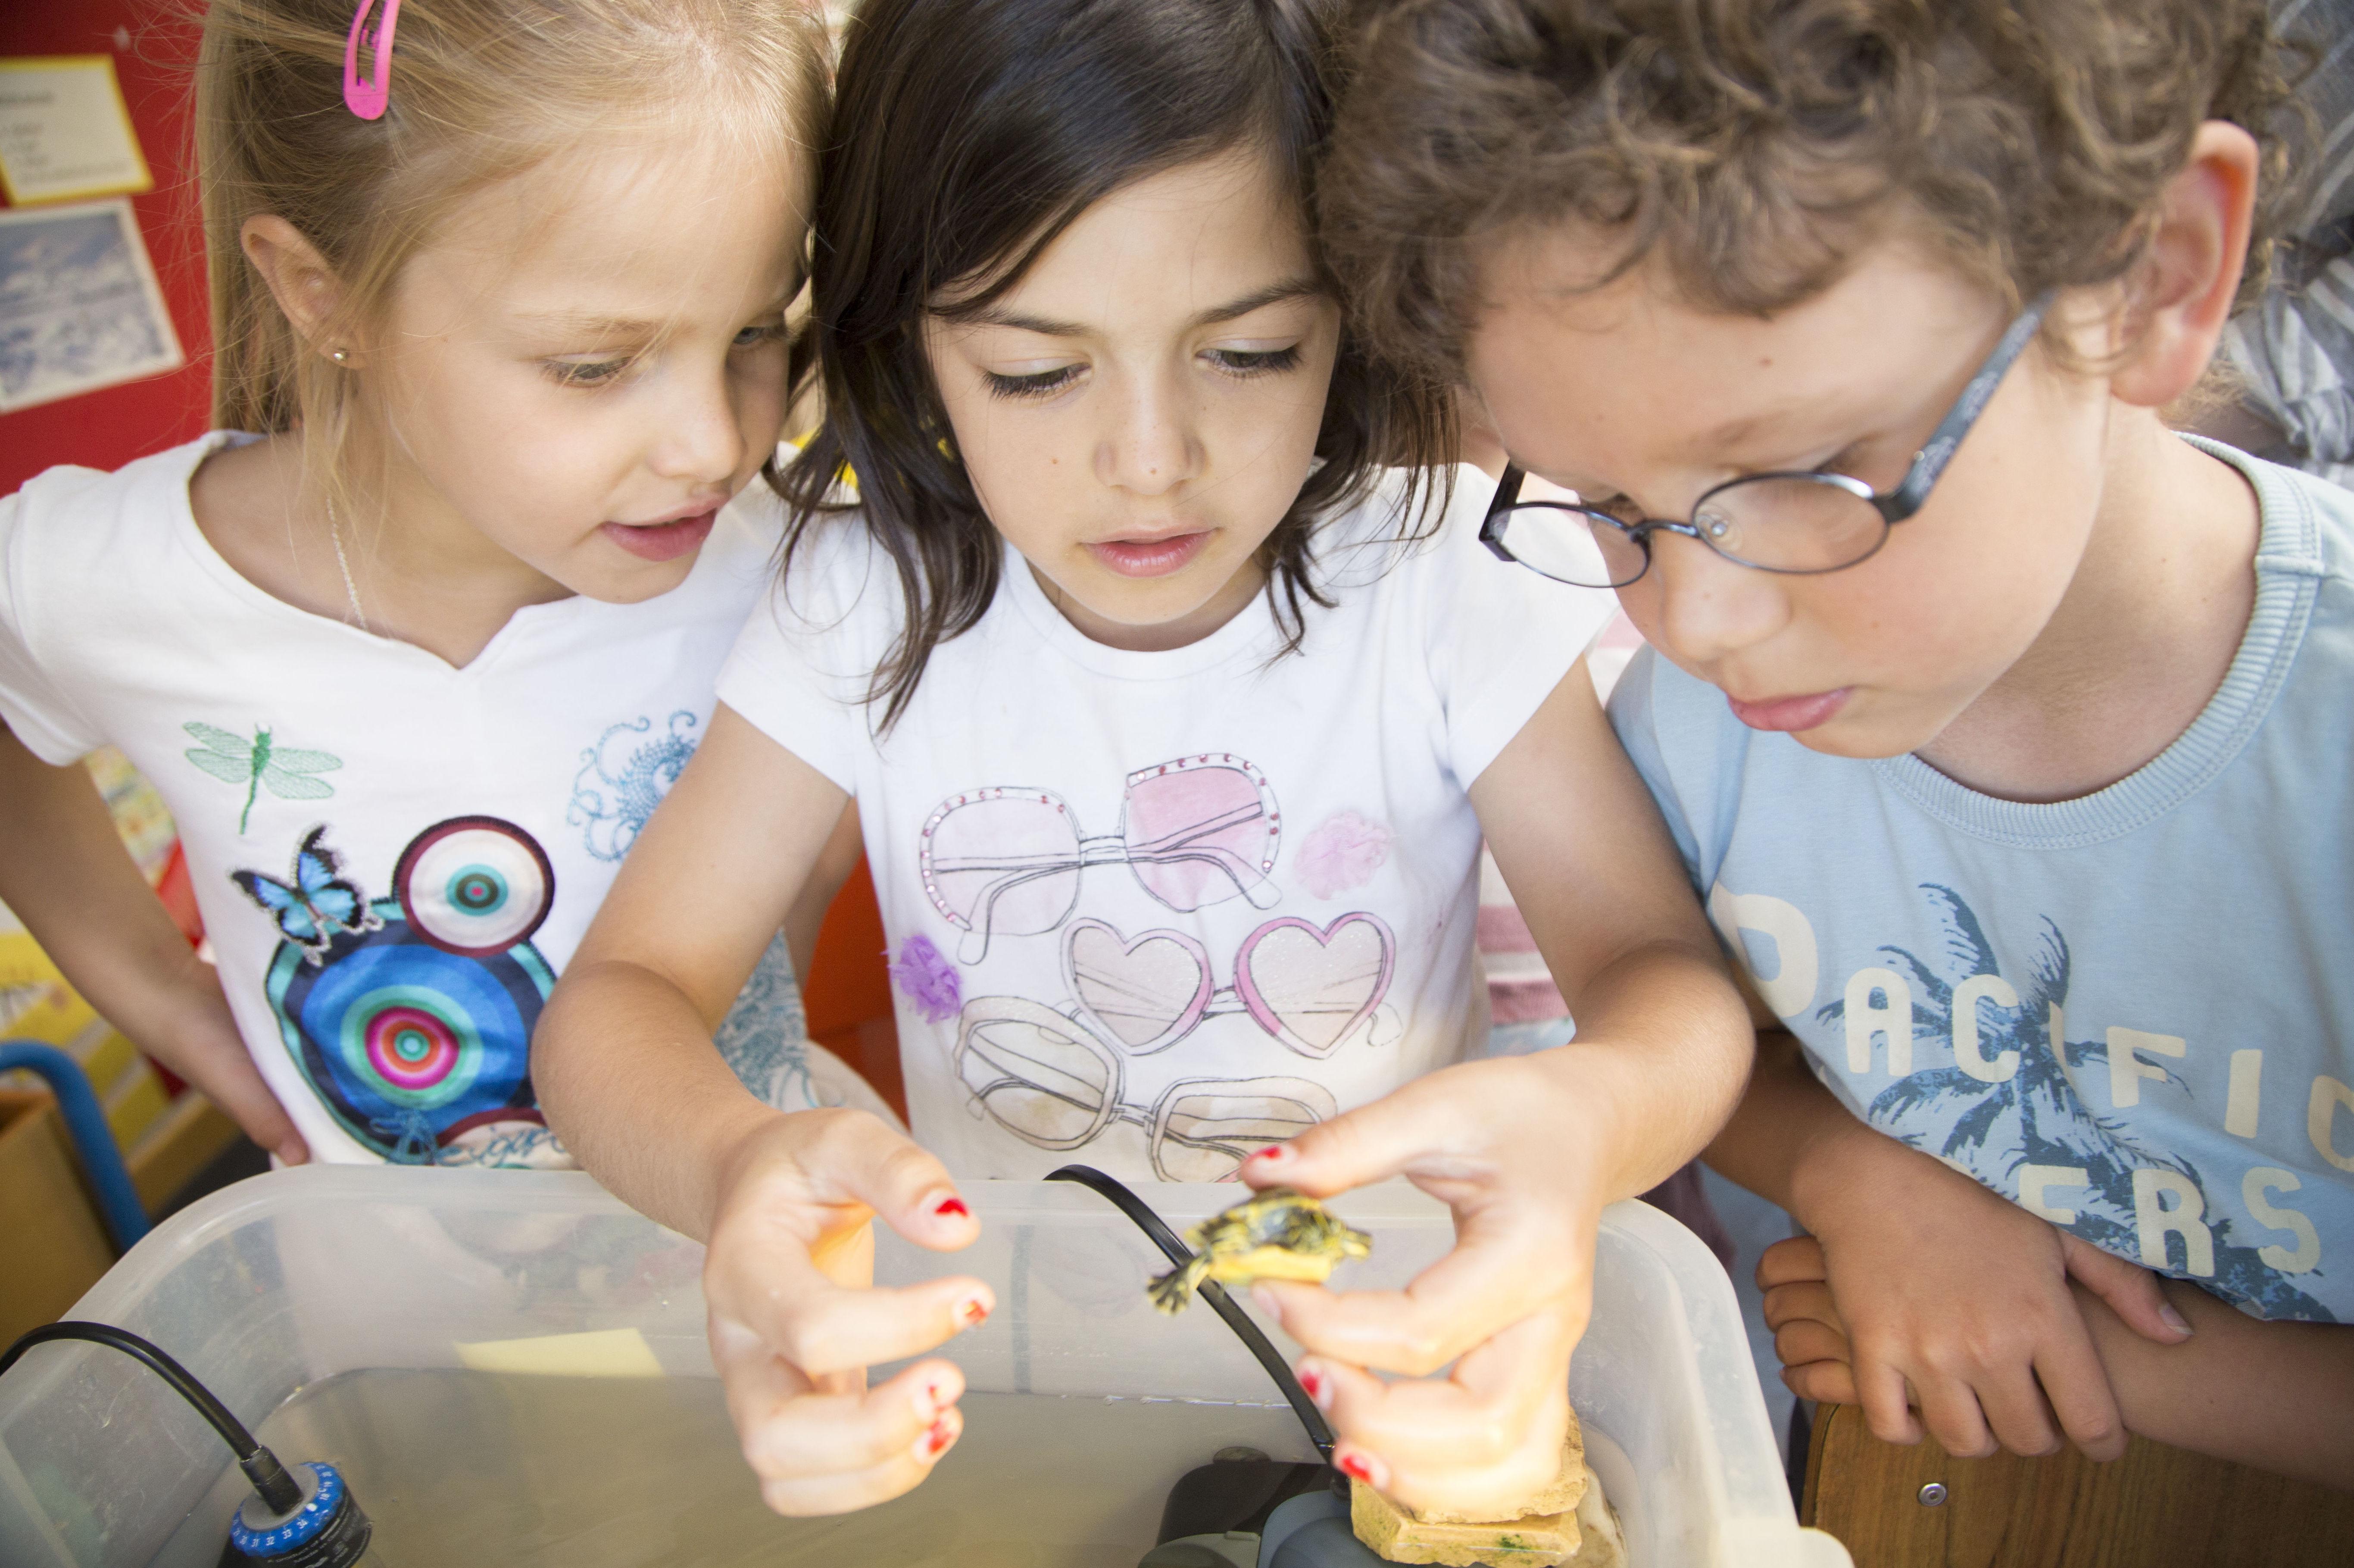 Estudiantes de educación infantil mirando una tortuga